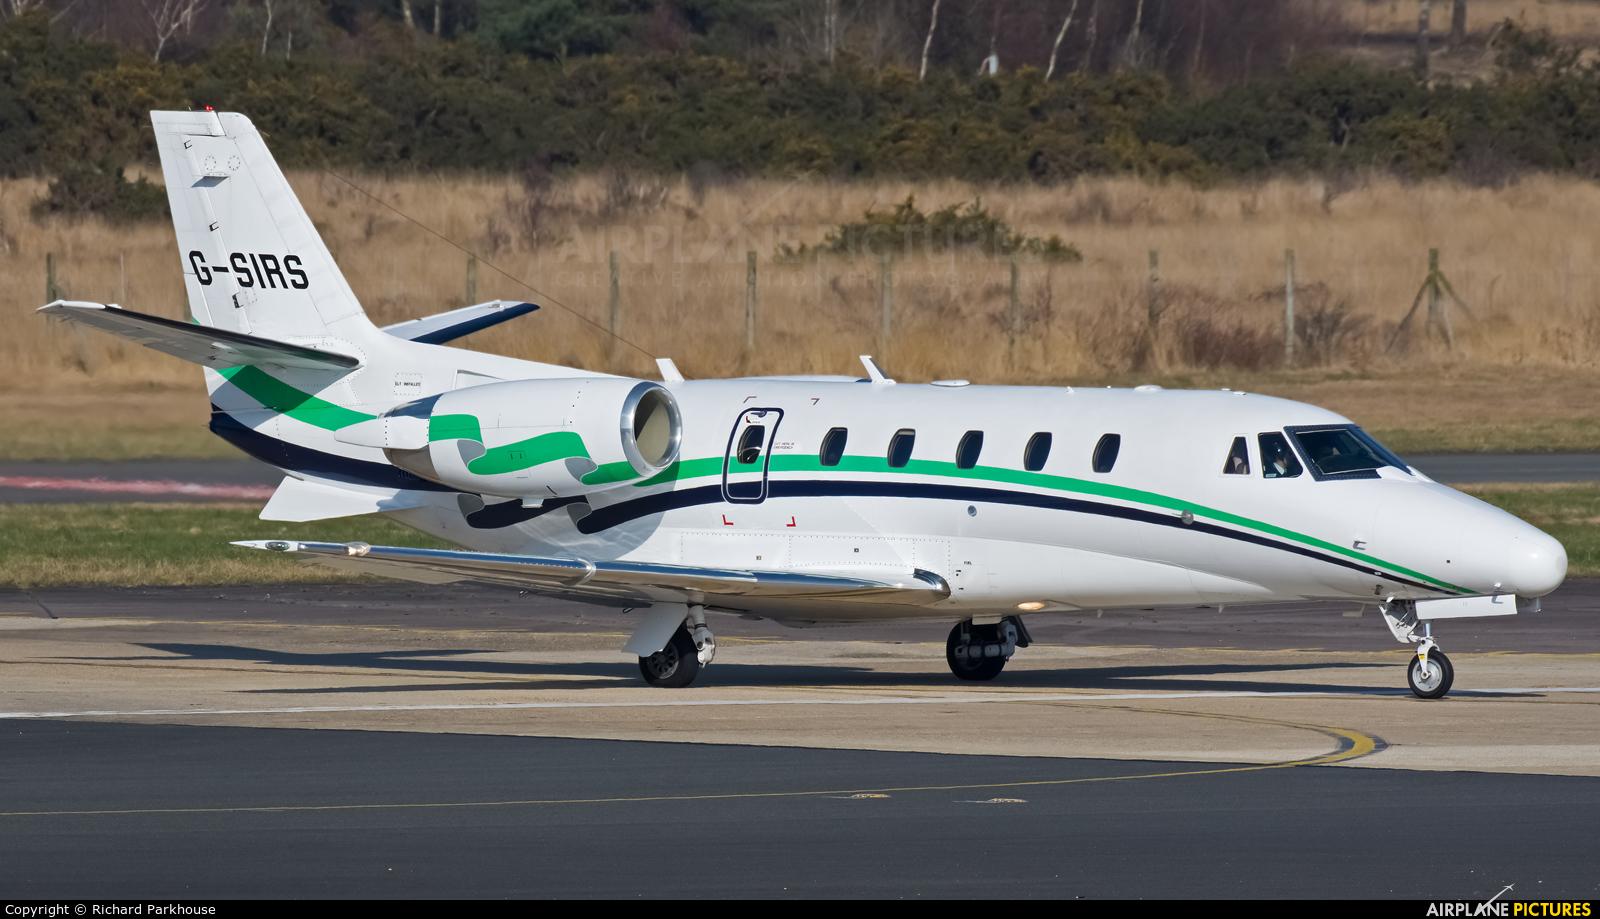 London Executive Aviation G-SIRS aircraft at Farnborough